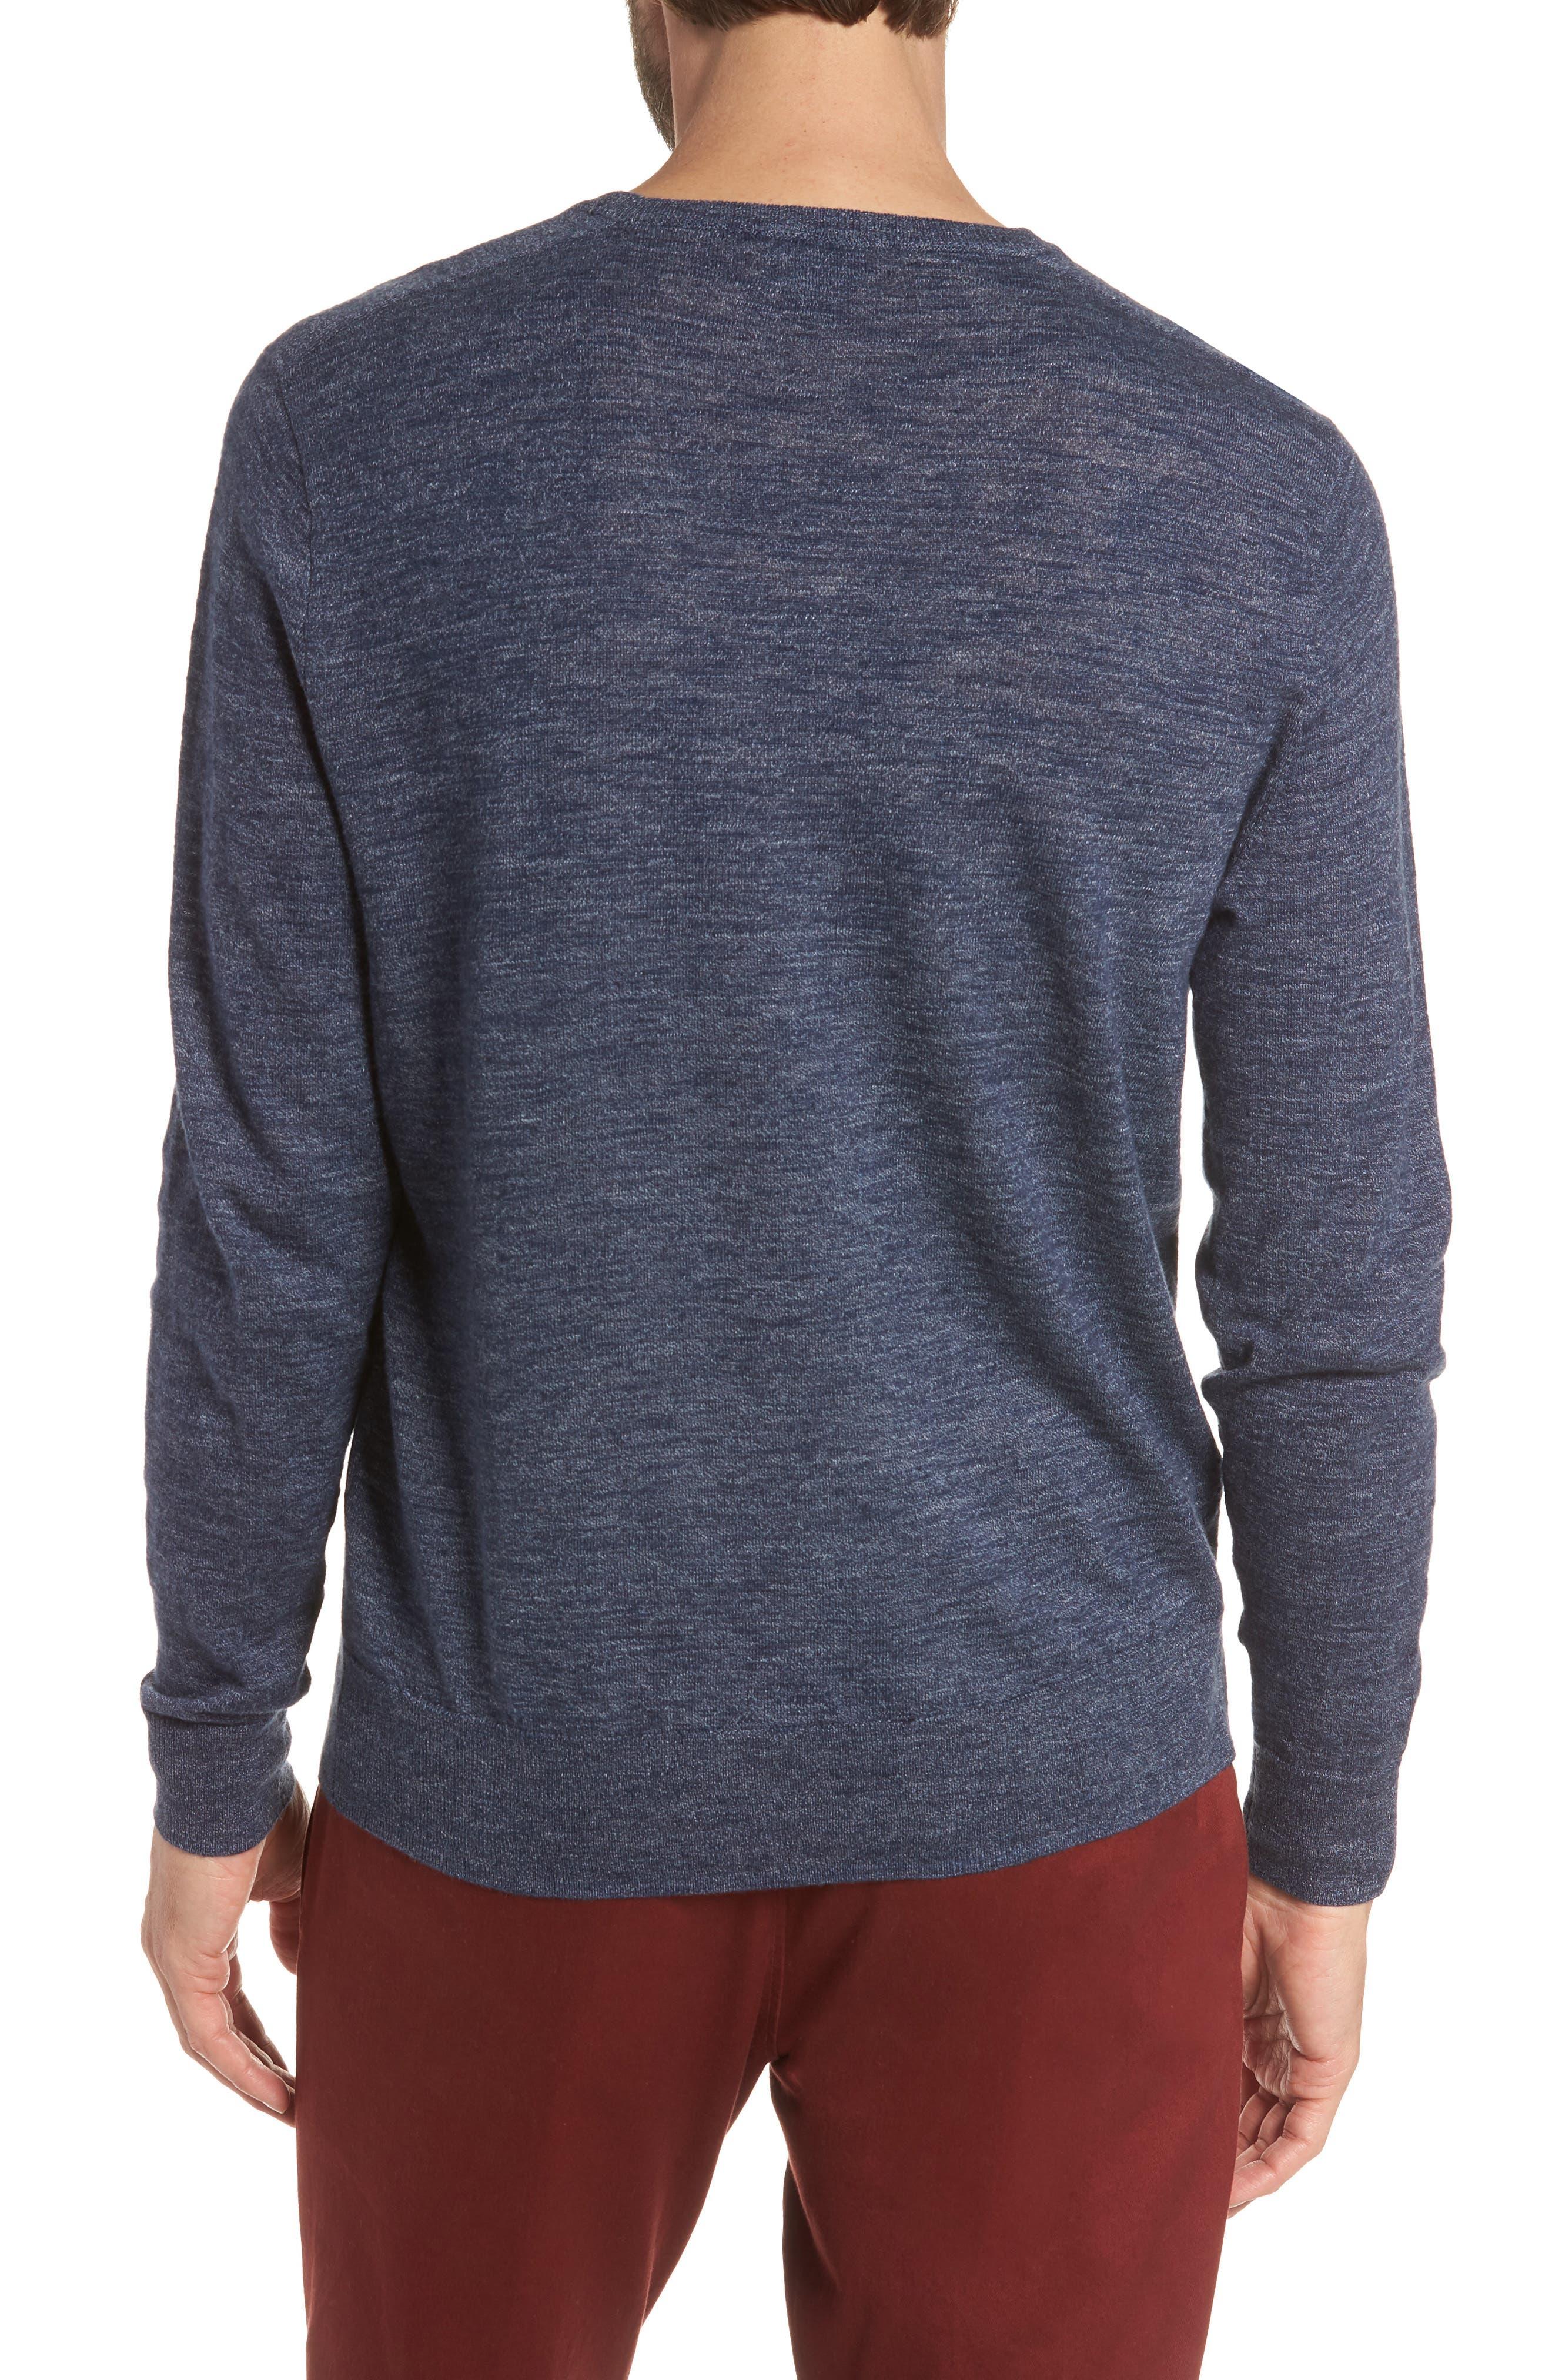 Cotton Blend Crewneck Sweater,                             Alternate thumbnail 7, color,